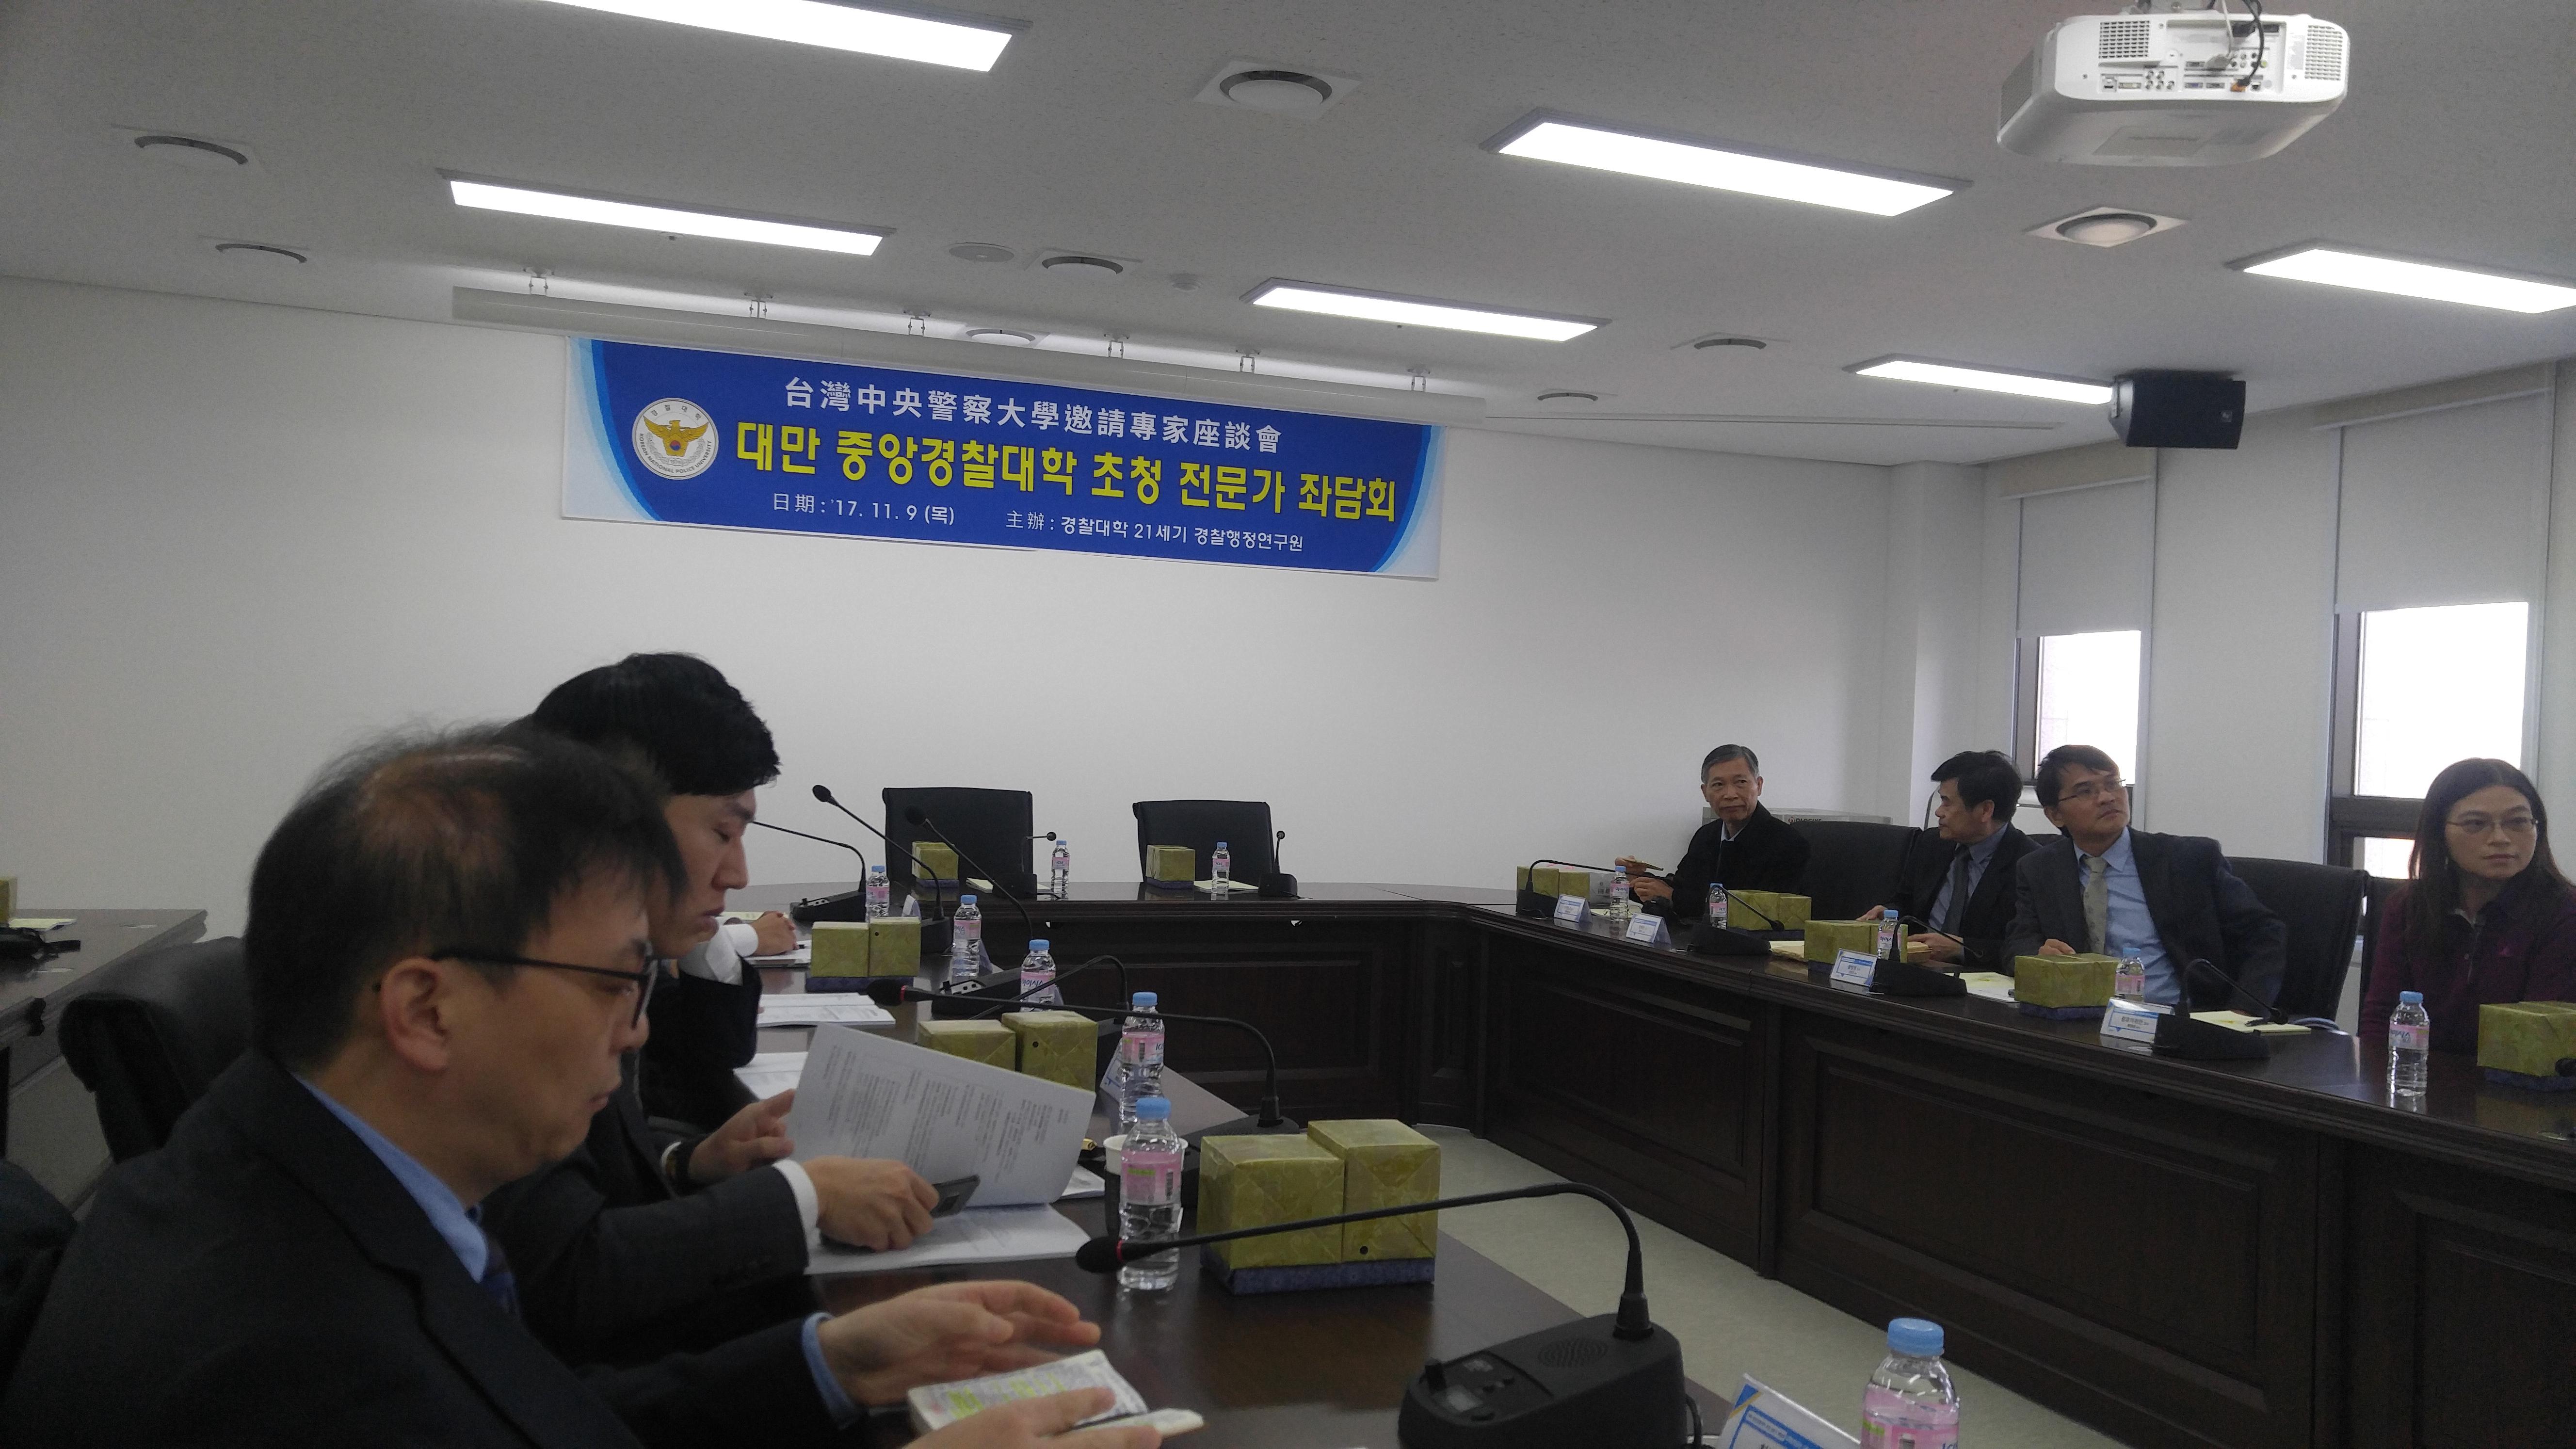 경찰대, 대만경찰대학 초청 전문가좌담회 개최 - ...